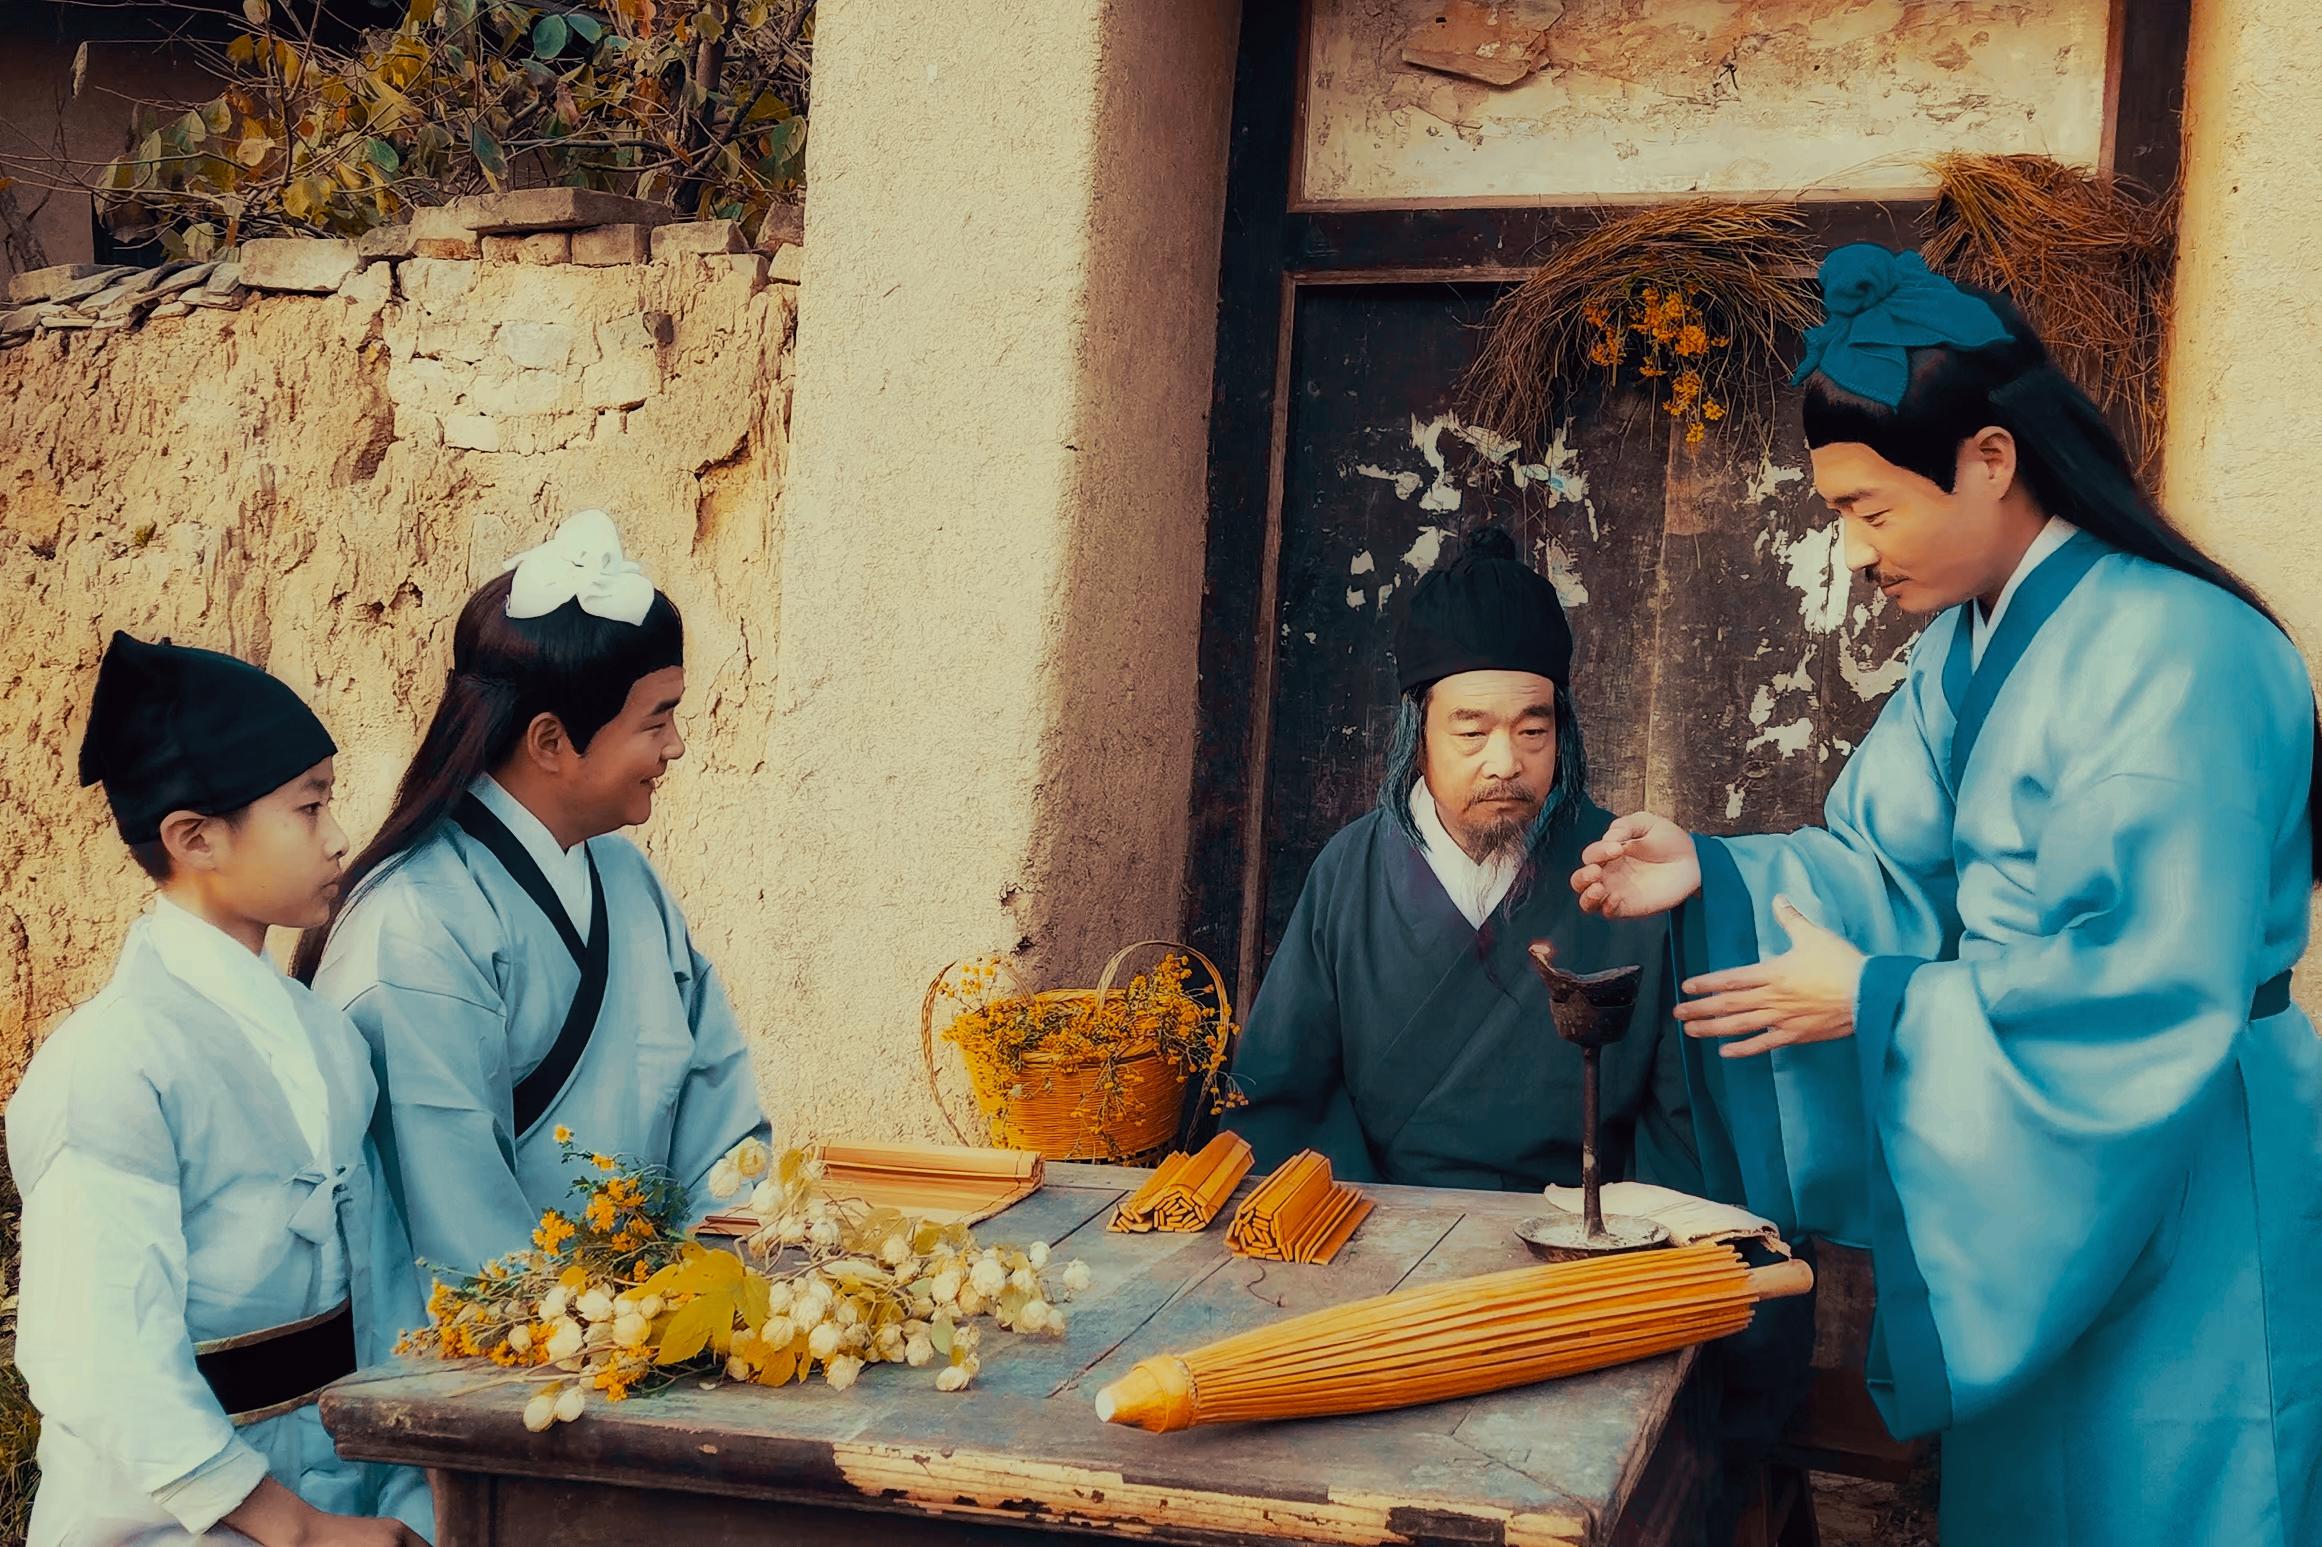 皇甫谧后人究竟去了哪里?为什么皇甫谧故里甘肃灵台今天没有皇甫氏家族后裔